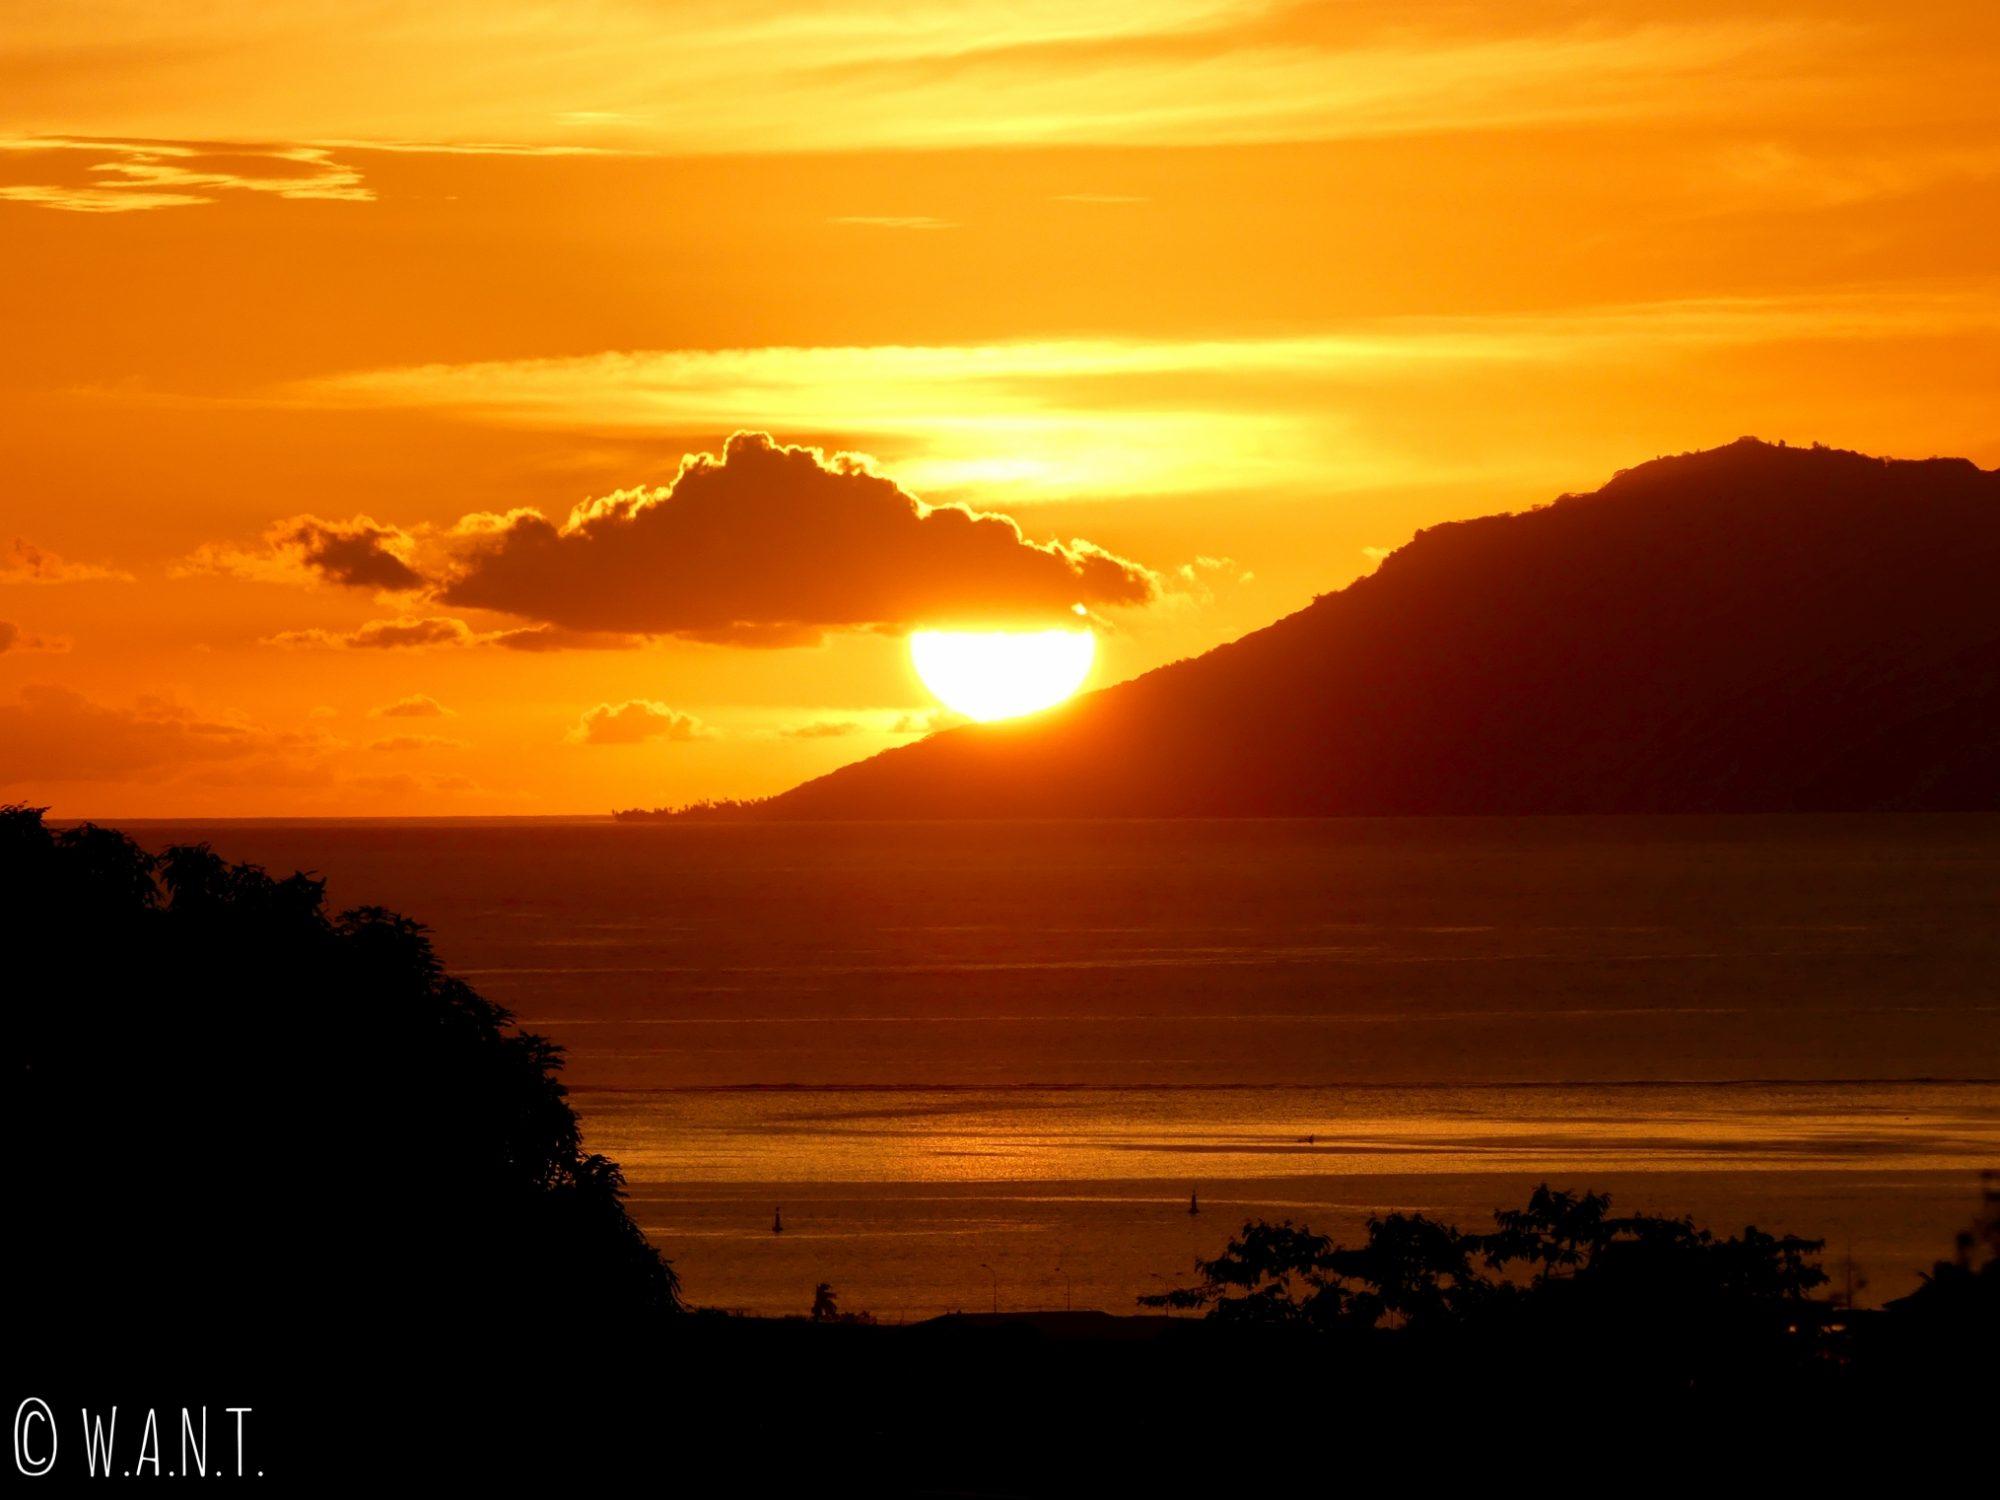 Coucher de soleil derrière l'île de Moorea observé depuis Tahiti